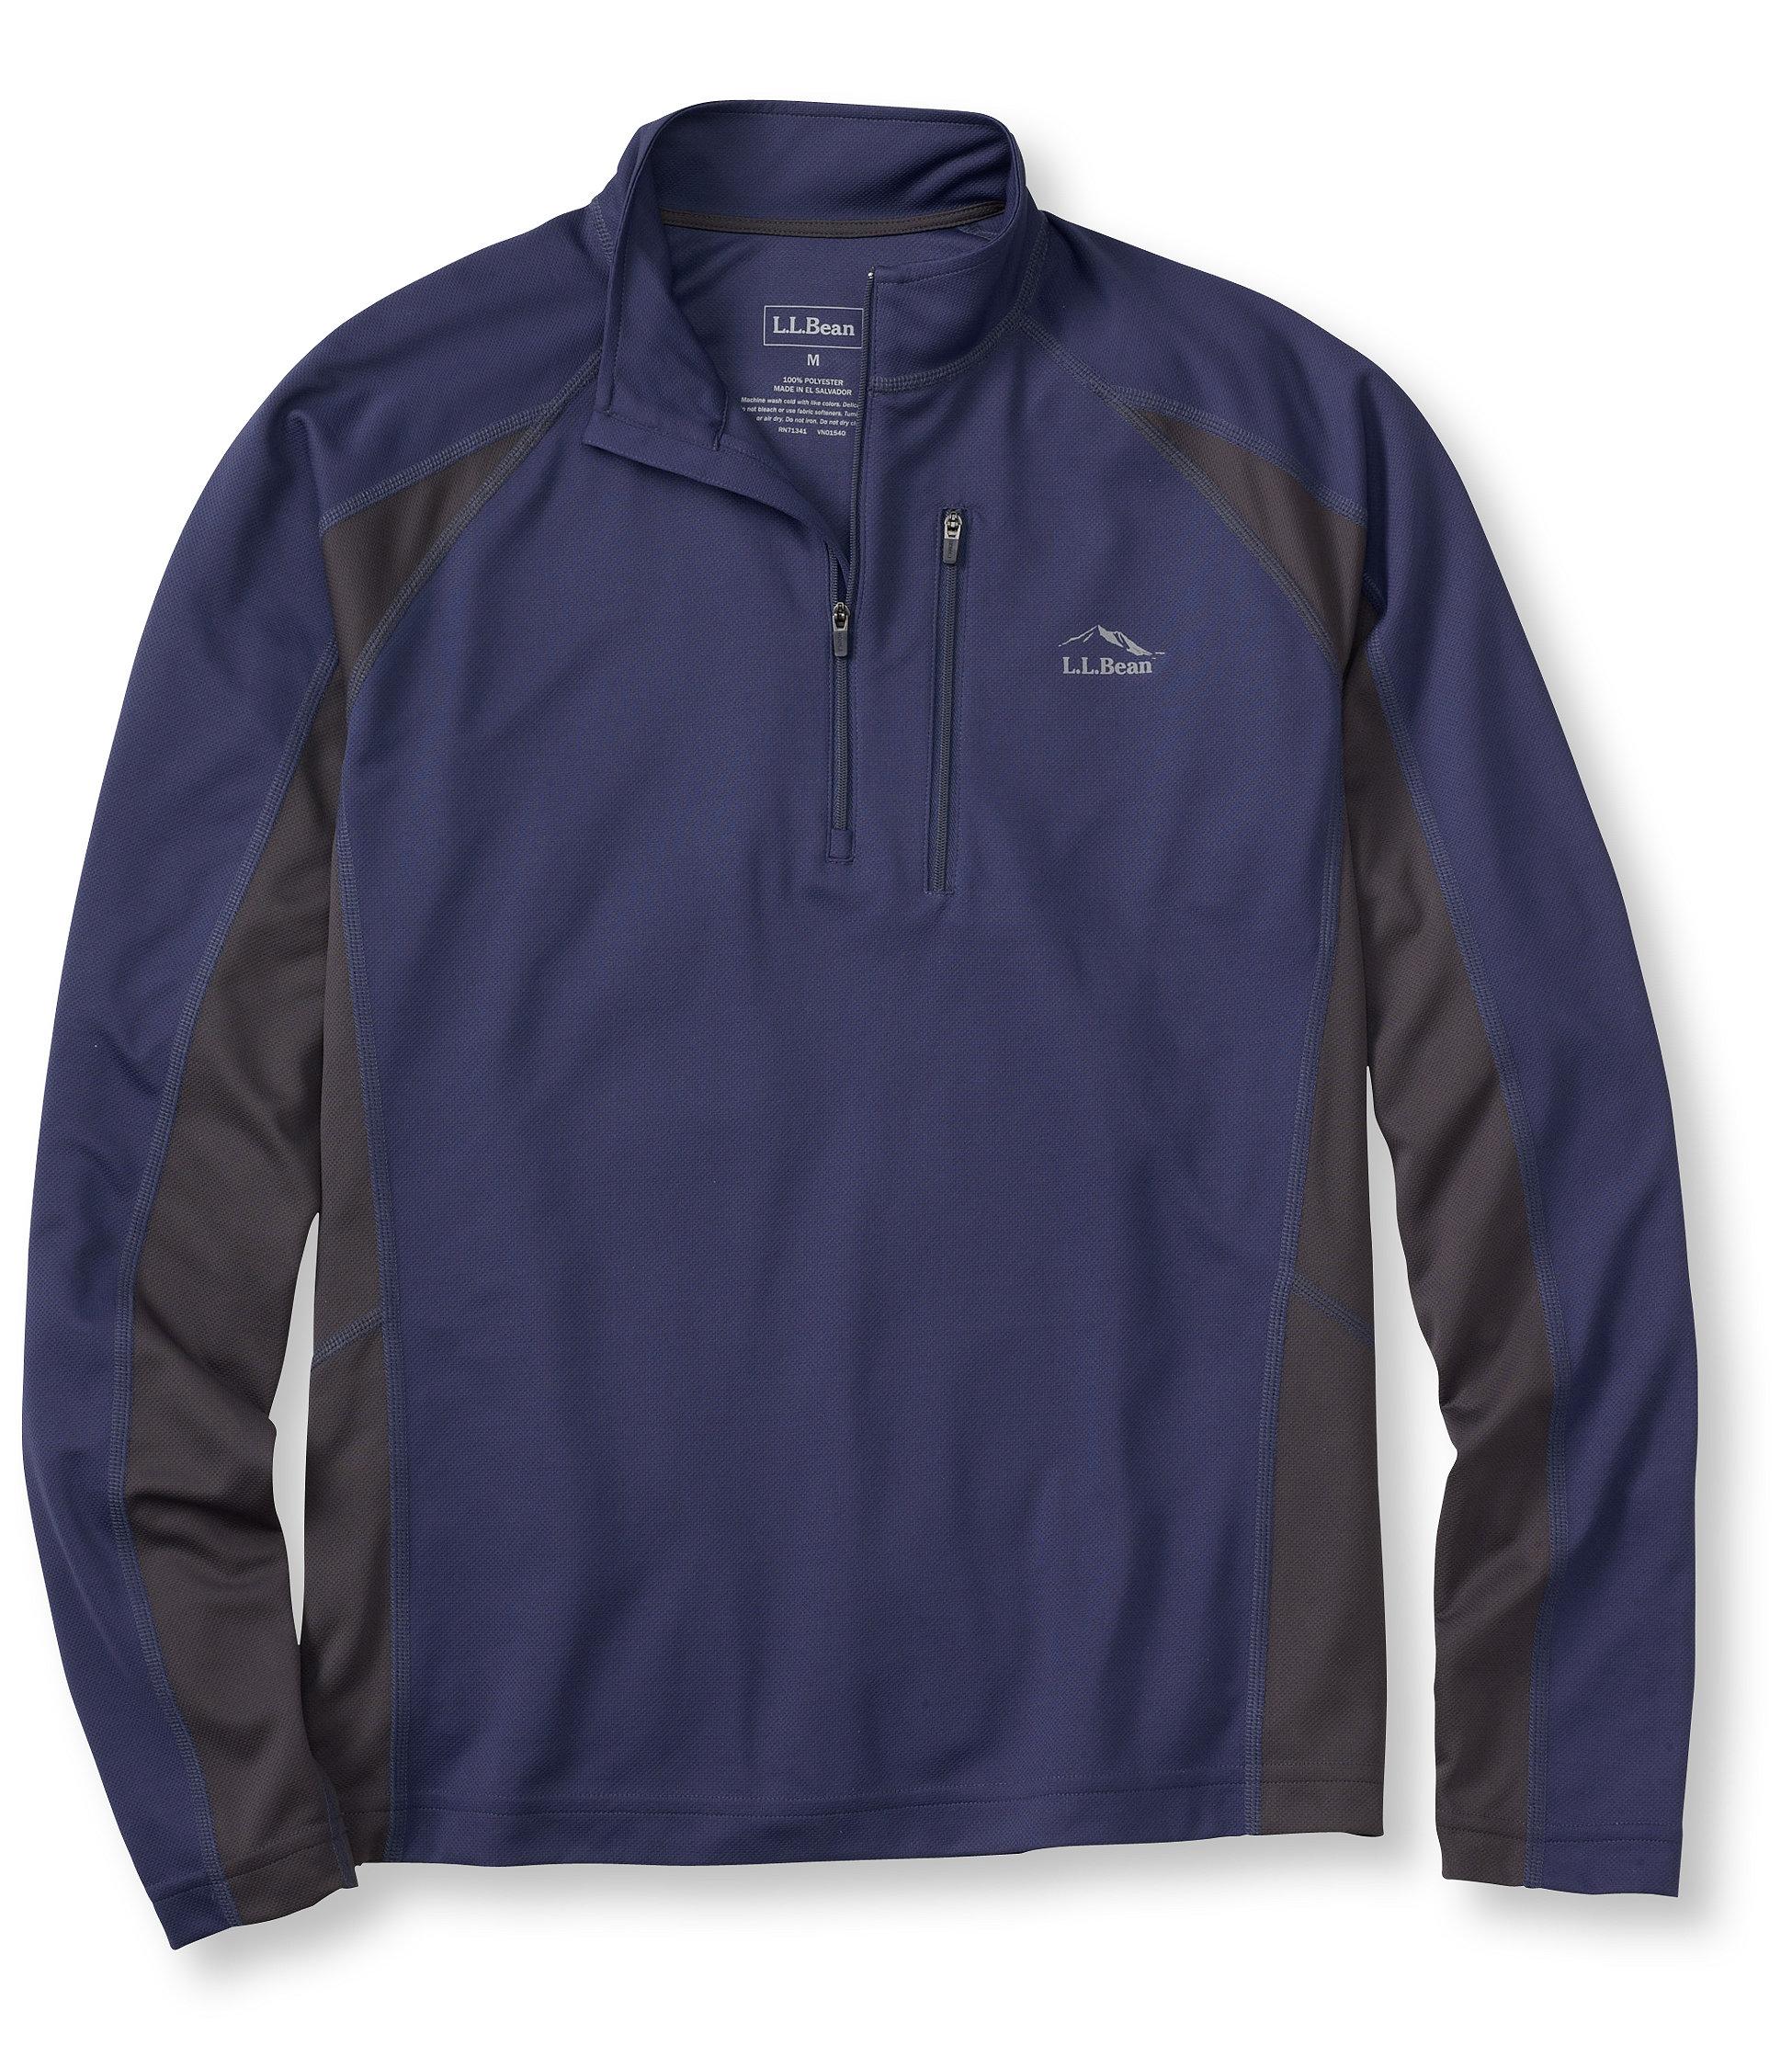 L.L.Bean Ridge Runner Shirt, Long-Sleeve Quarter-Zip